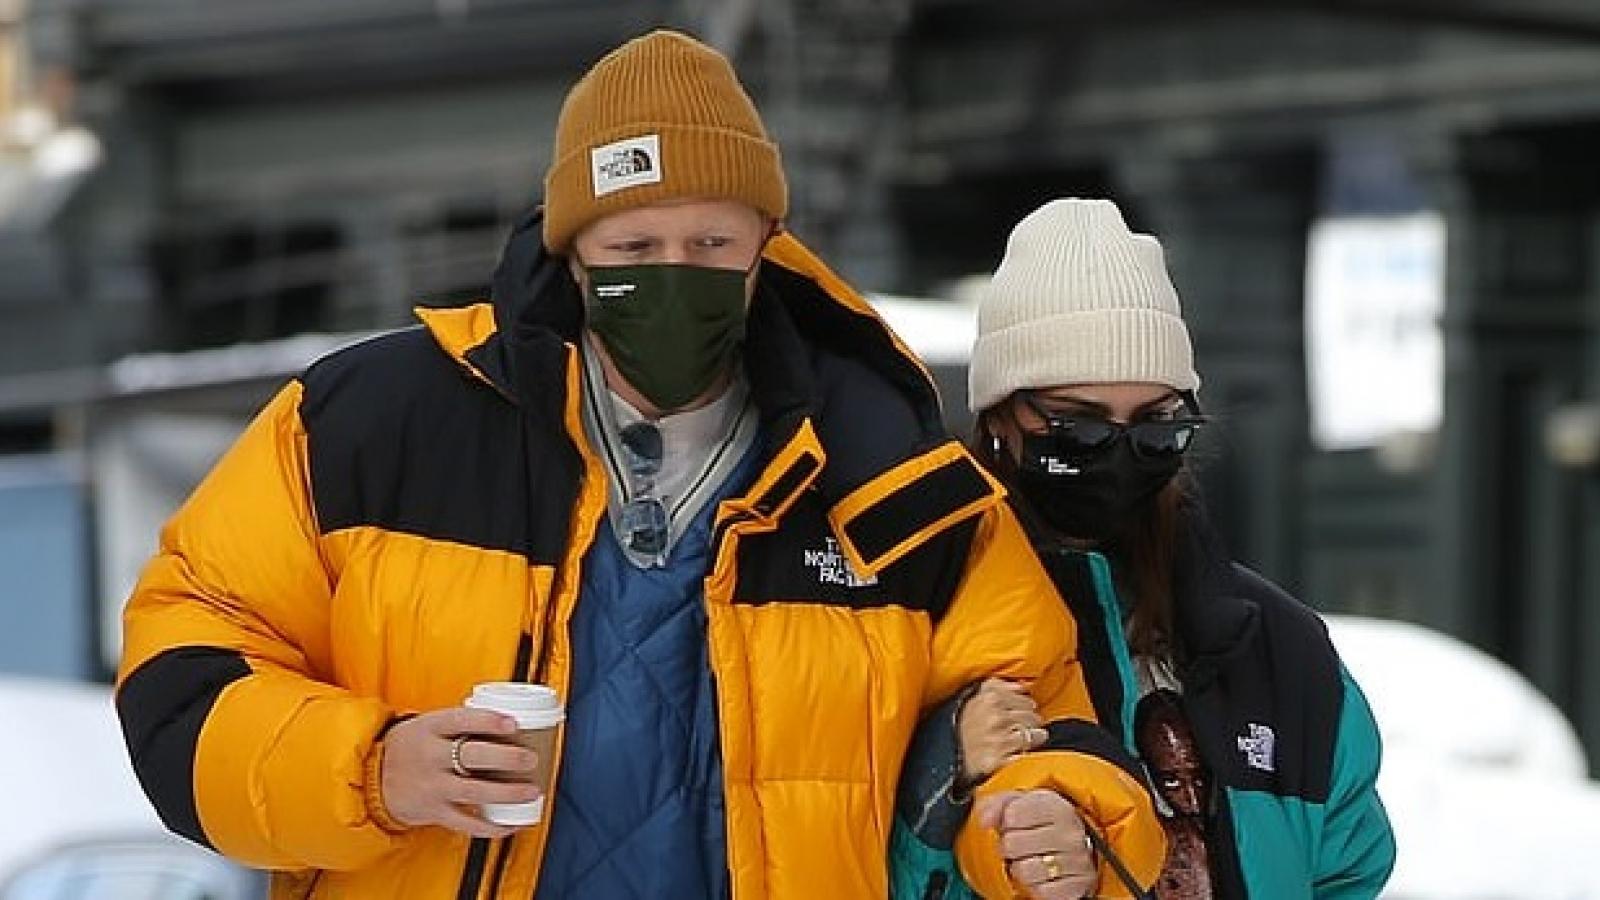 Vợ chồng Emily Ratajkowski mặc đồ đồng điệu, khoác tay tình cảm đi dạo phố